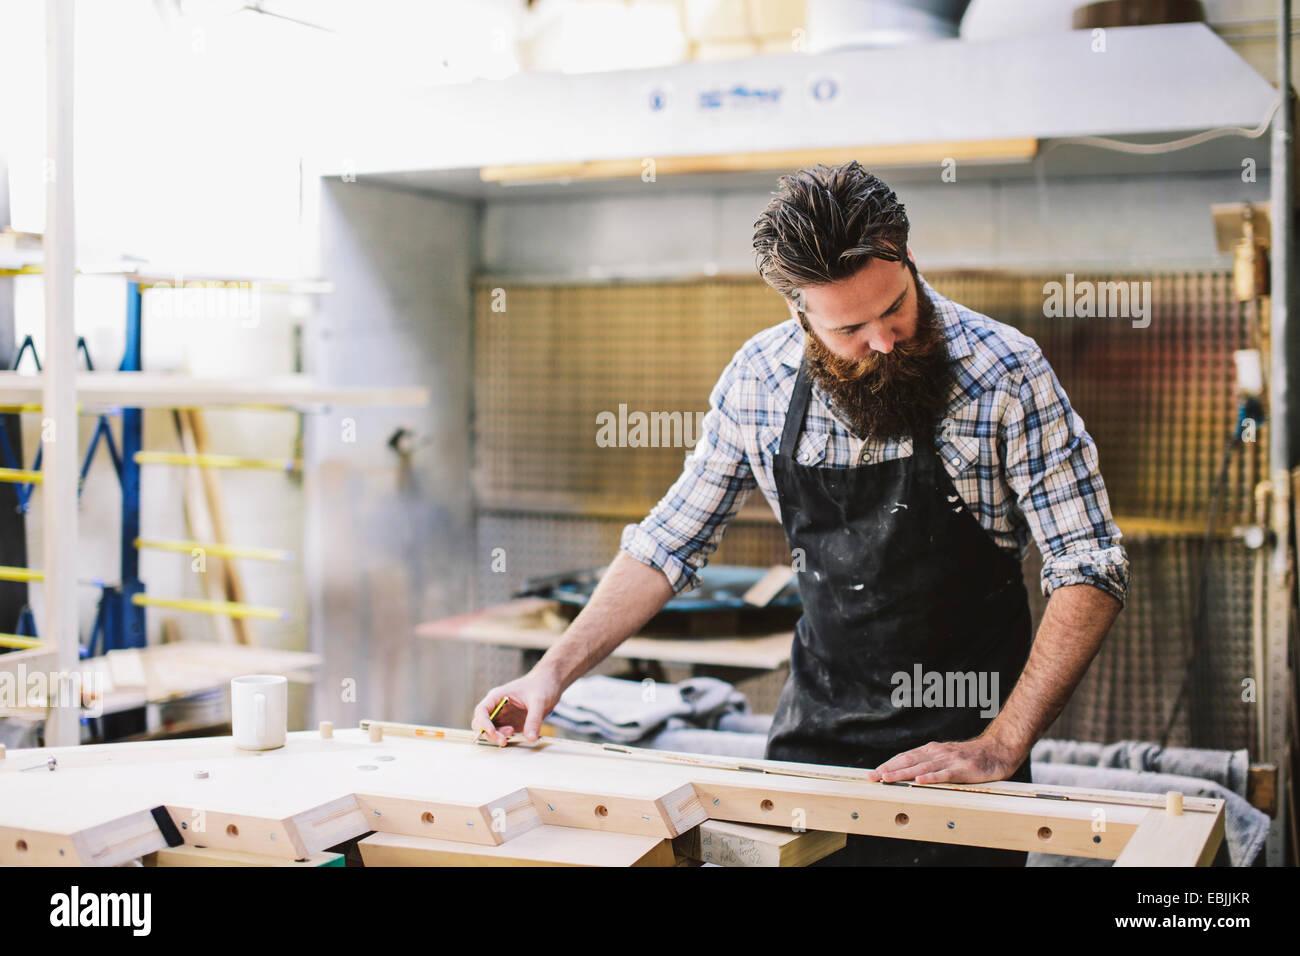 Captura recortada de mediados adulto artesano de la madera de medición en órgano taller Imagen De Stock